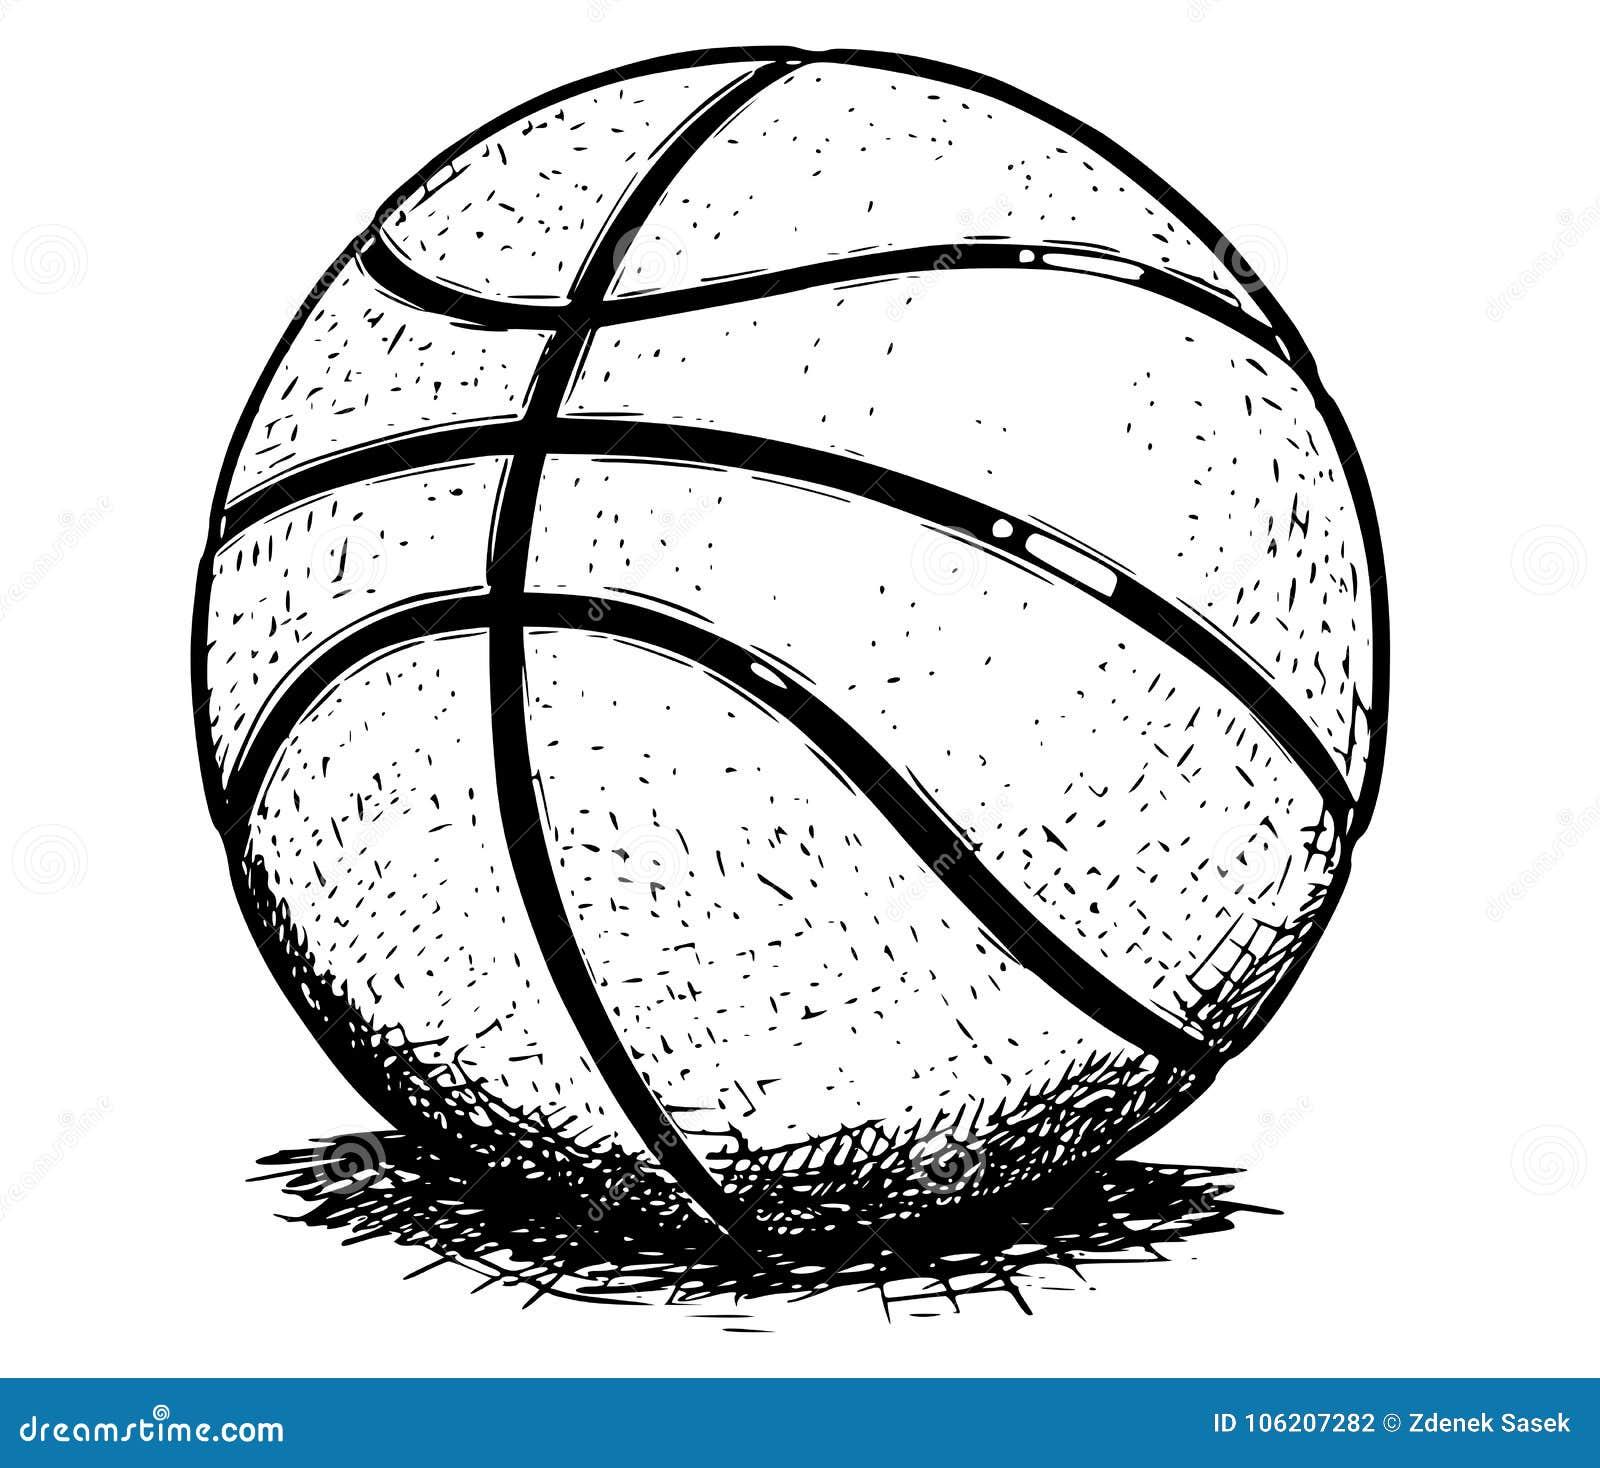 ilustração do desenho da mão do vetor da bola do basquetebol